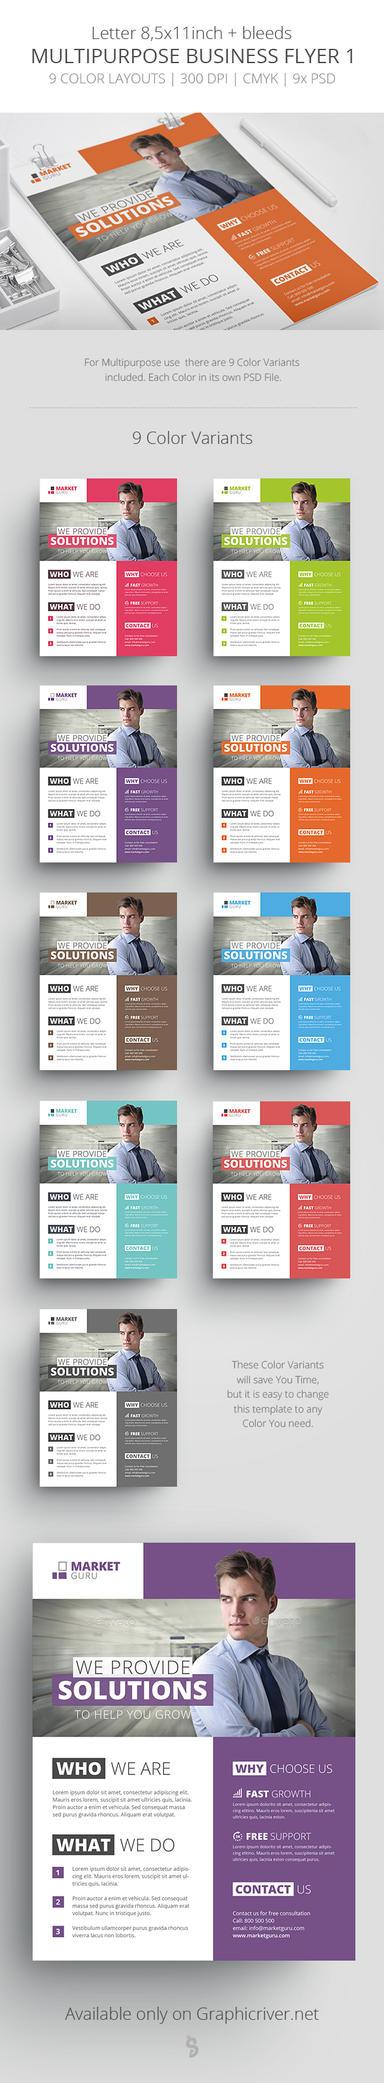 Multipurpose Business Flyer - 1 by survivorcz